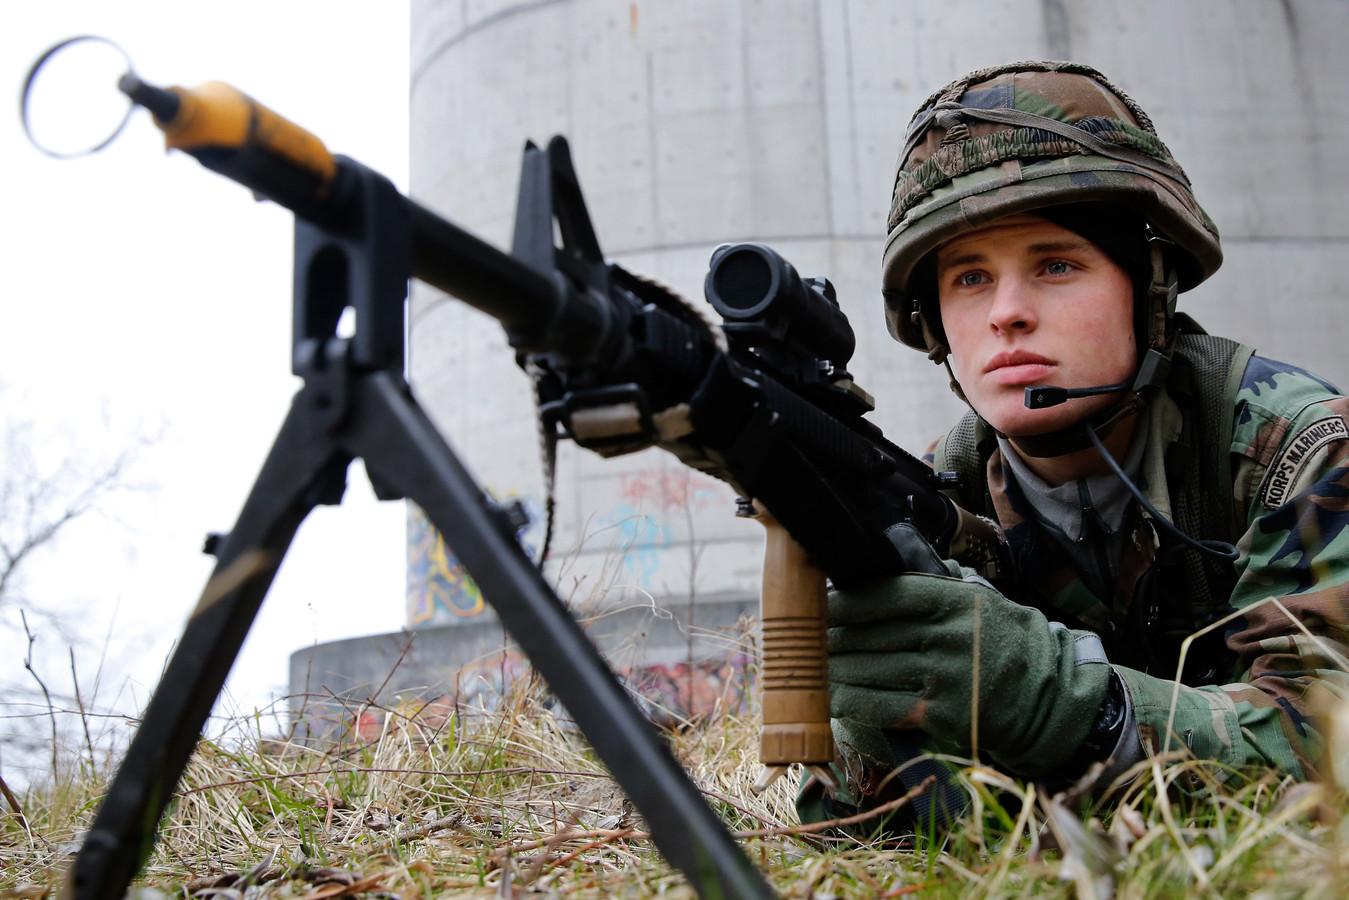 Een opgestelde mitrailleur (foto ter illustratie)